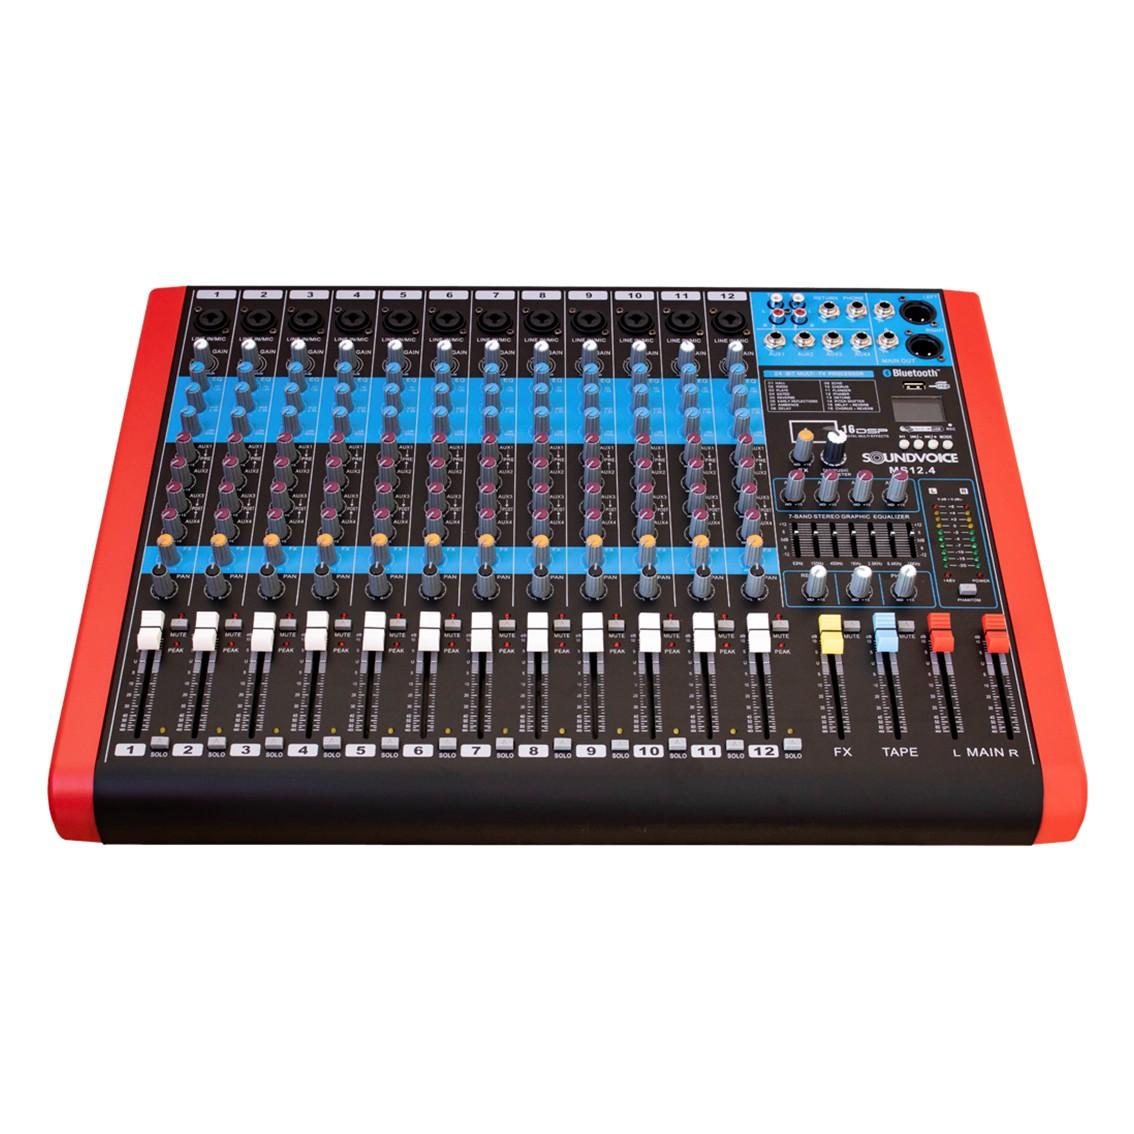 Imagem do produto Mesa de Som Soundvoice 12 Canais MS-12.4 EUX